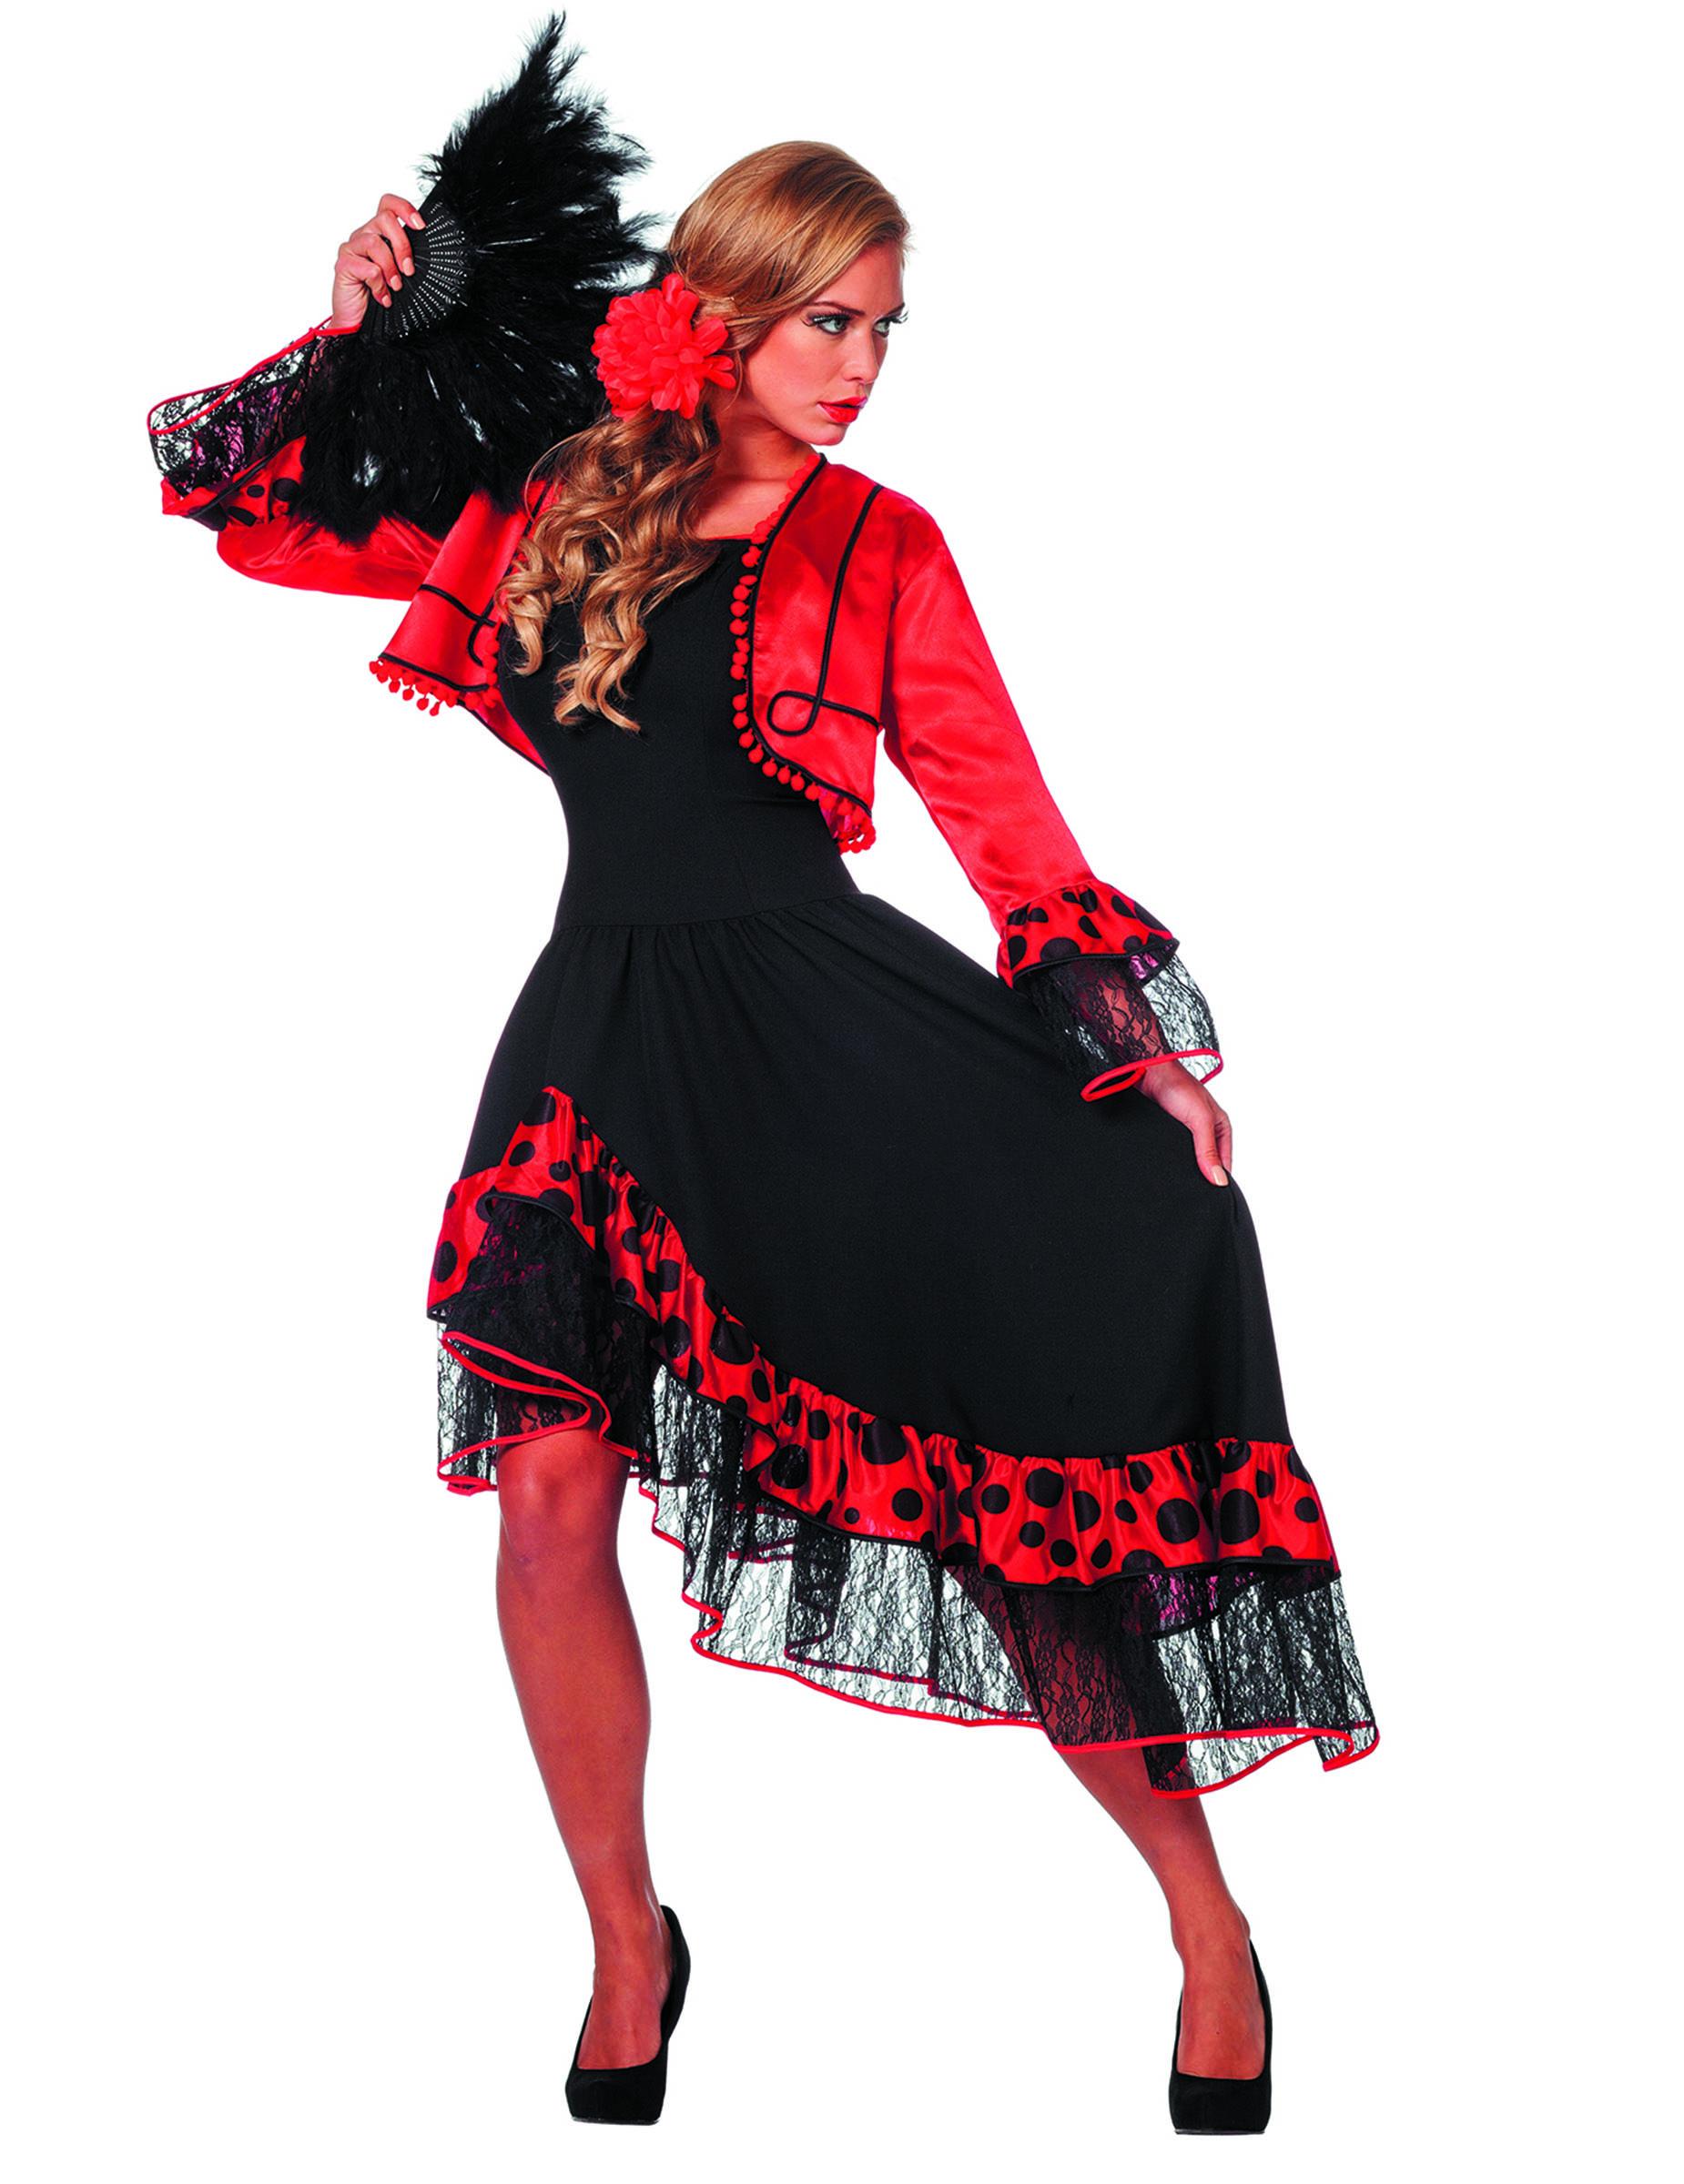 e7ab73c545e94 Costume ballerina spagnola da donna lusso  Costumi adulti